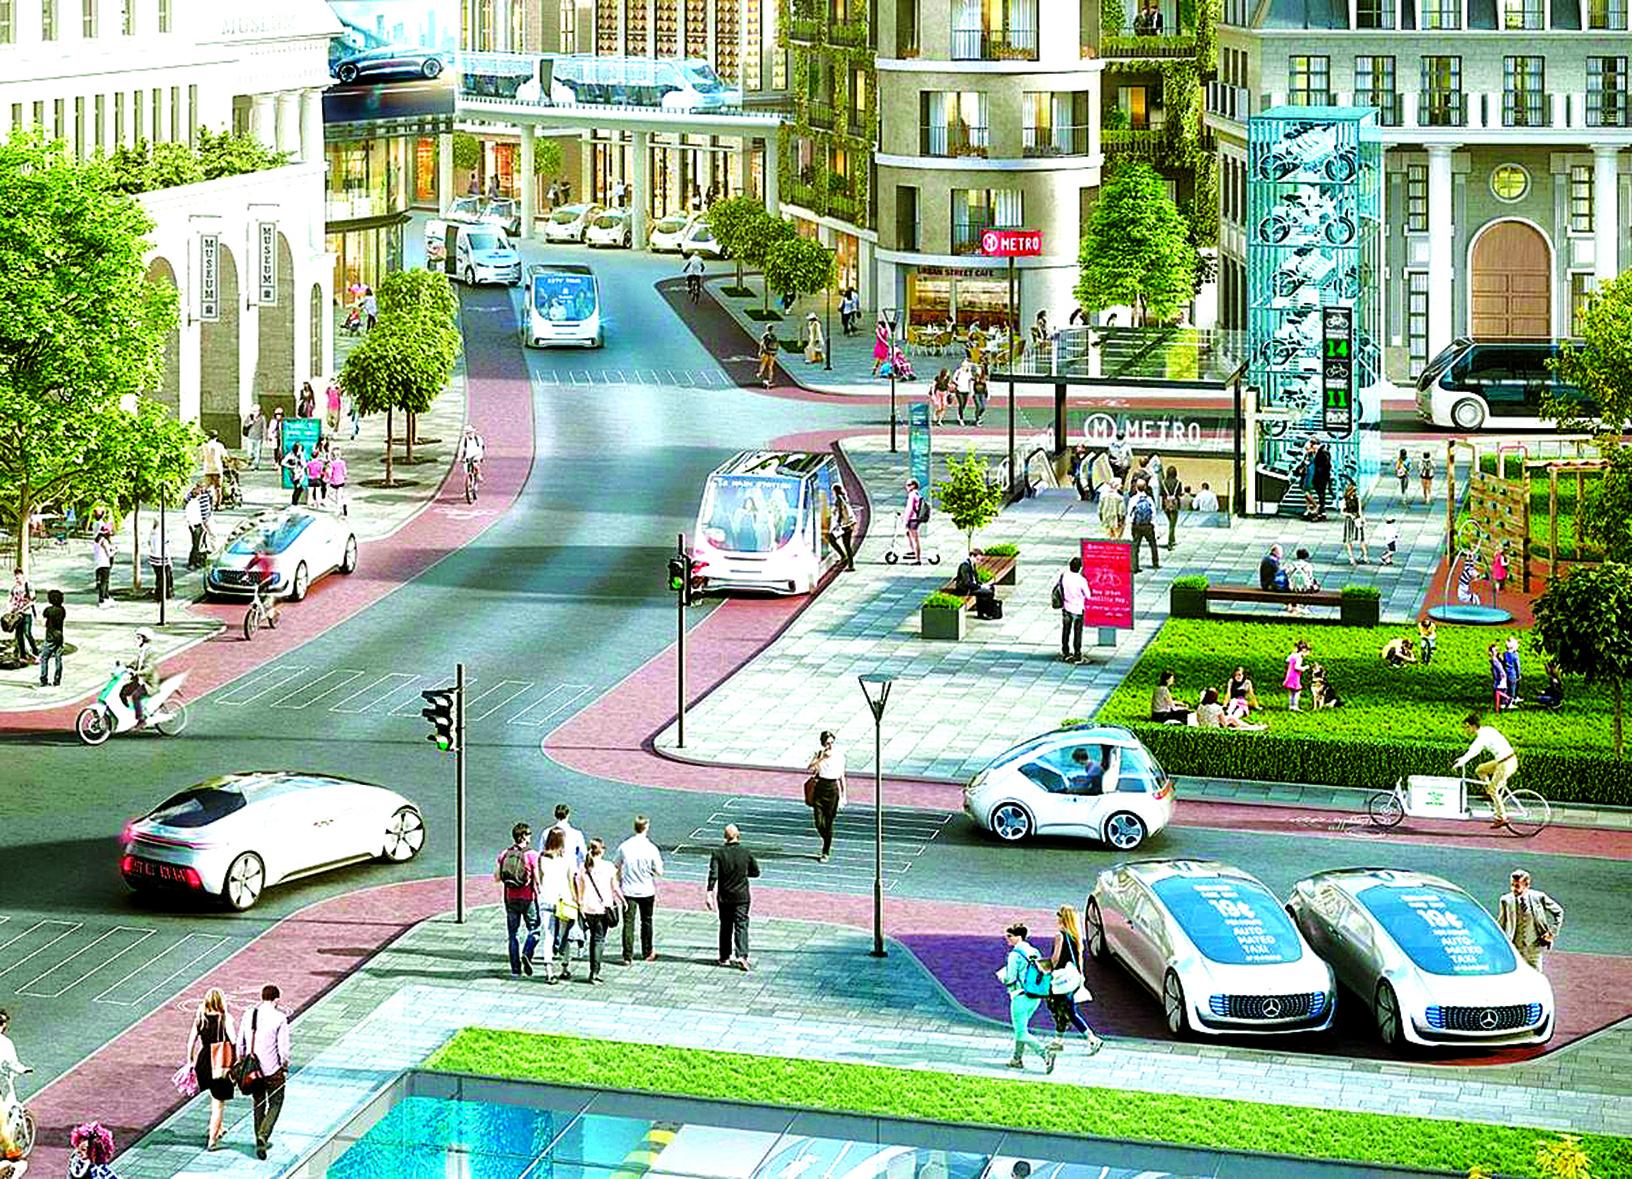 汽車製造商戴姆勒和工業巨頭博世,共同開發自動駕駛的士項目。「Robotaxis」。(daimler.com)